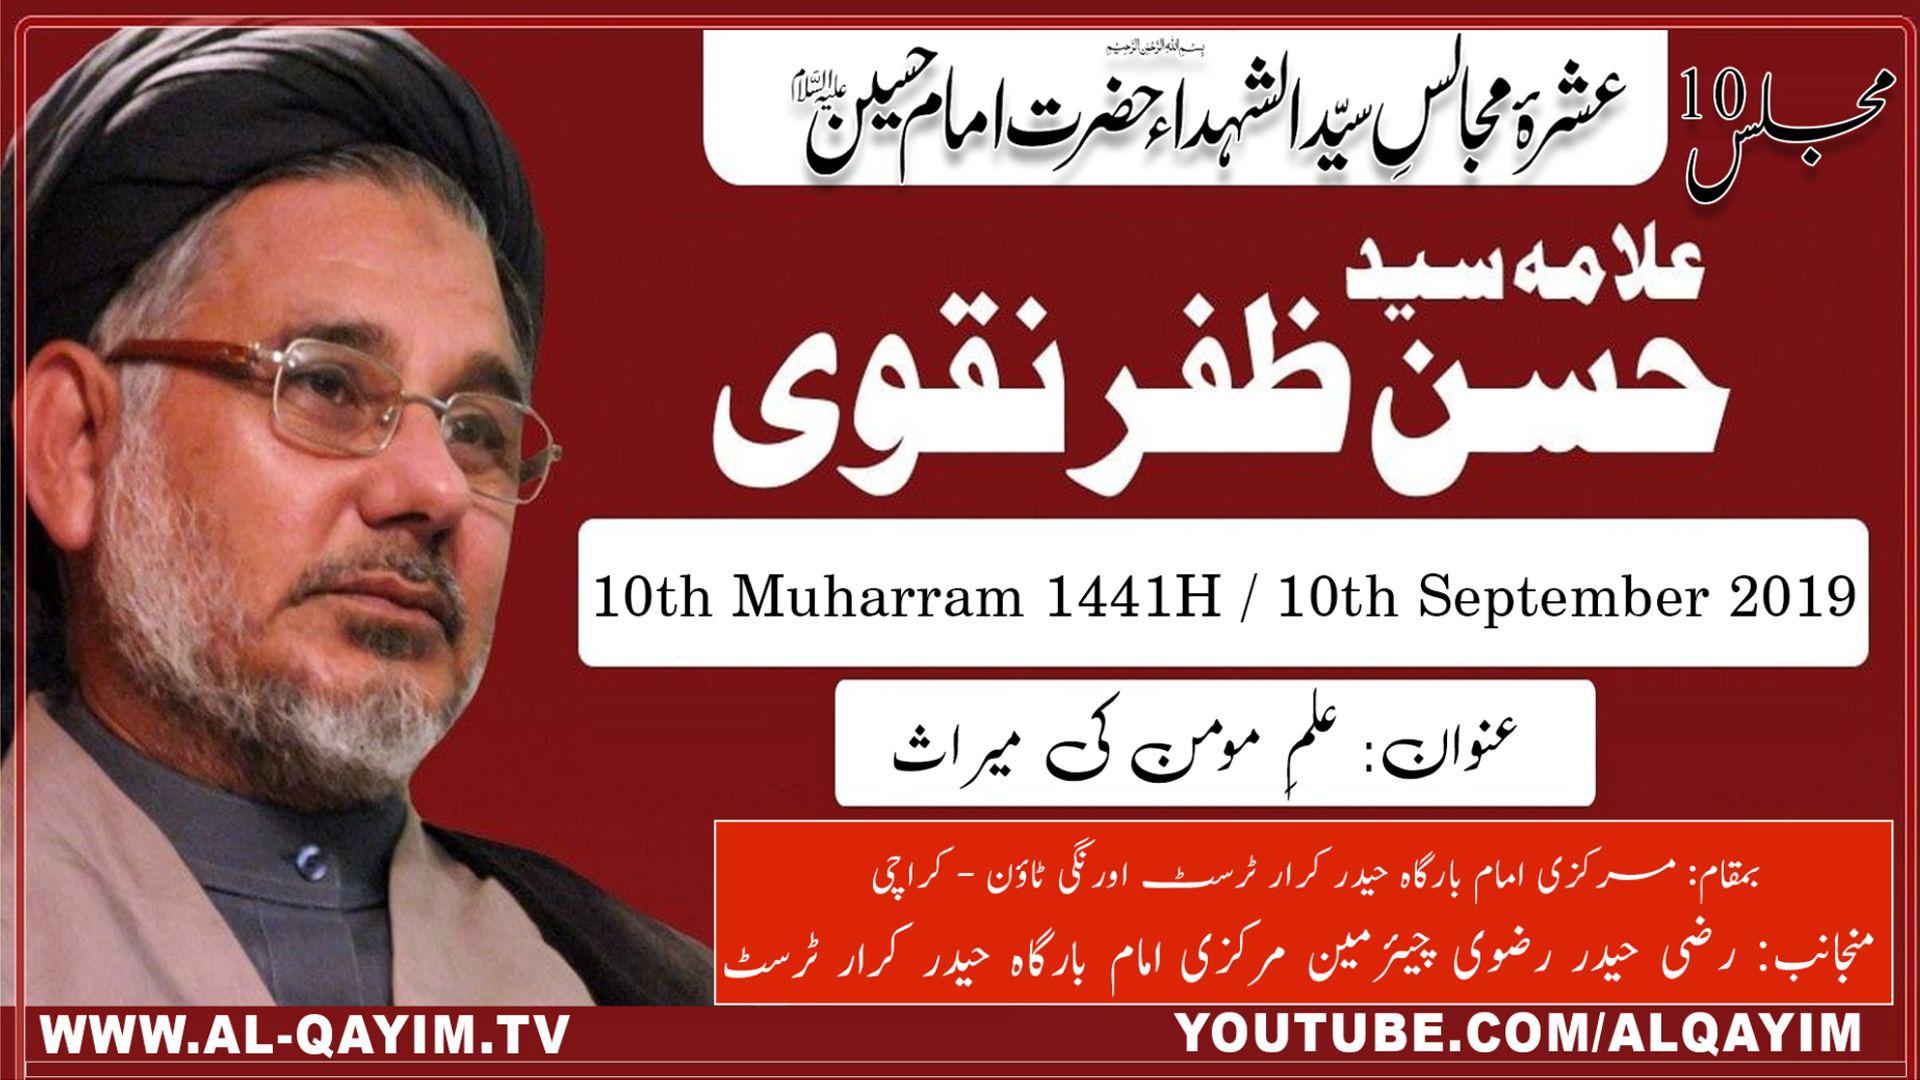 10th Muharram Majlis - 2019 - Moulana Hasan Zafar Naqvi - Imam Bargah Haider-e-Karar Orangi Town